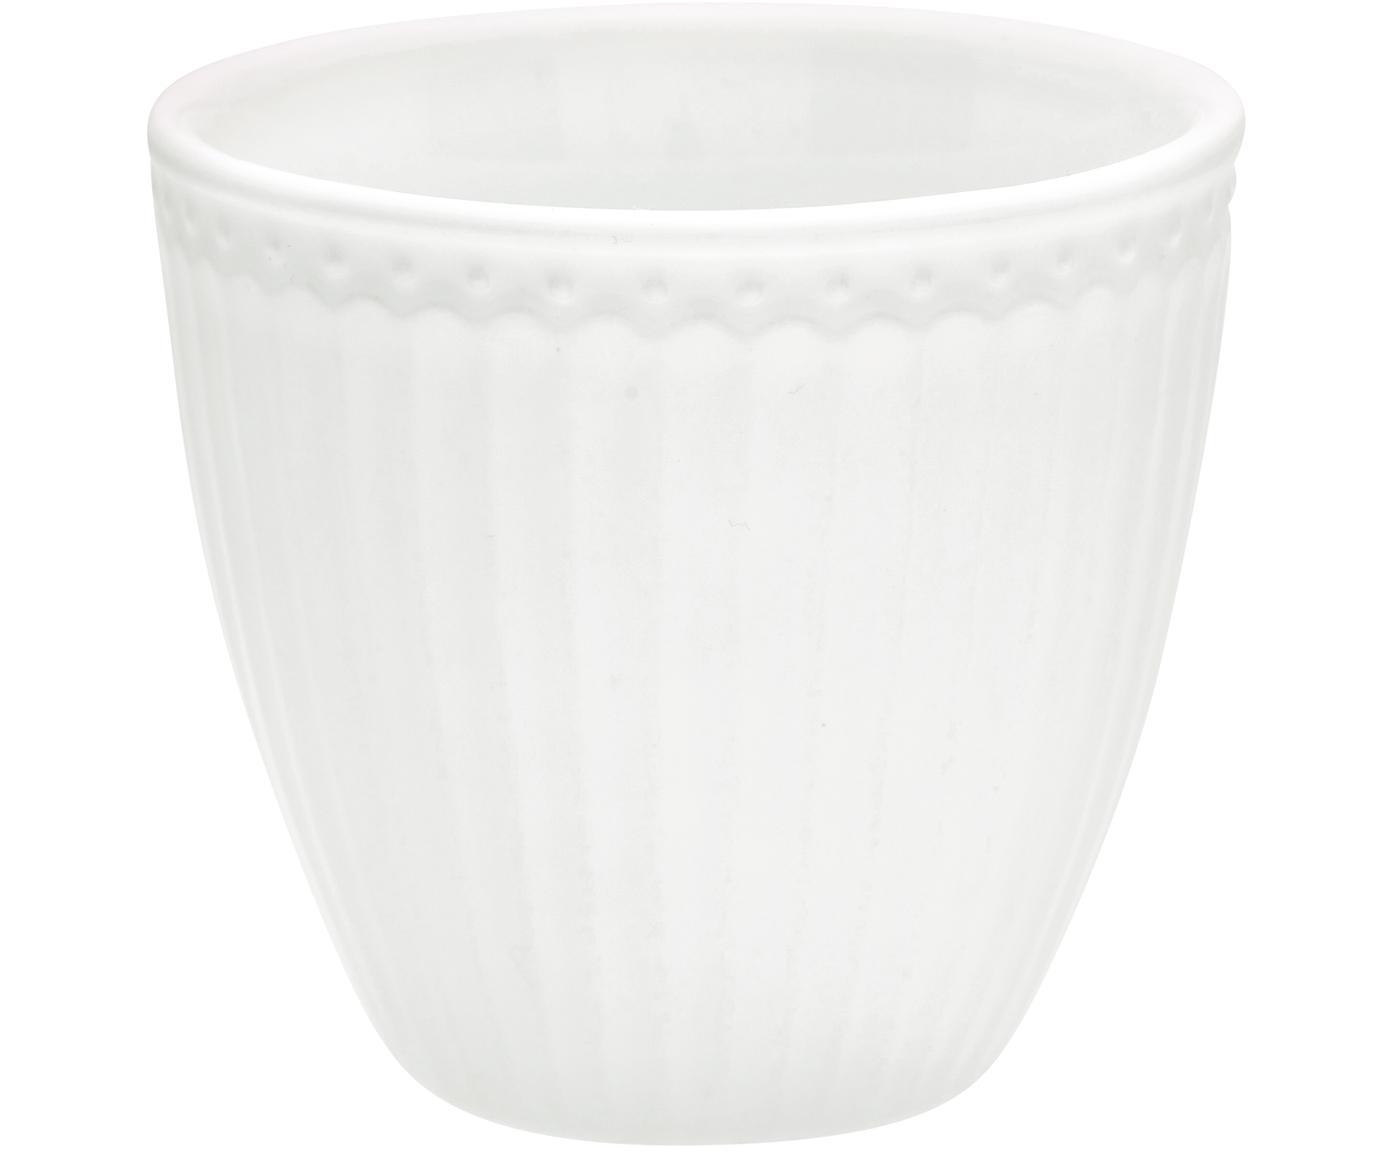 Kubek Alice, 2 szt., Porcelana, Biały, Ø 10 x W 9 cm